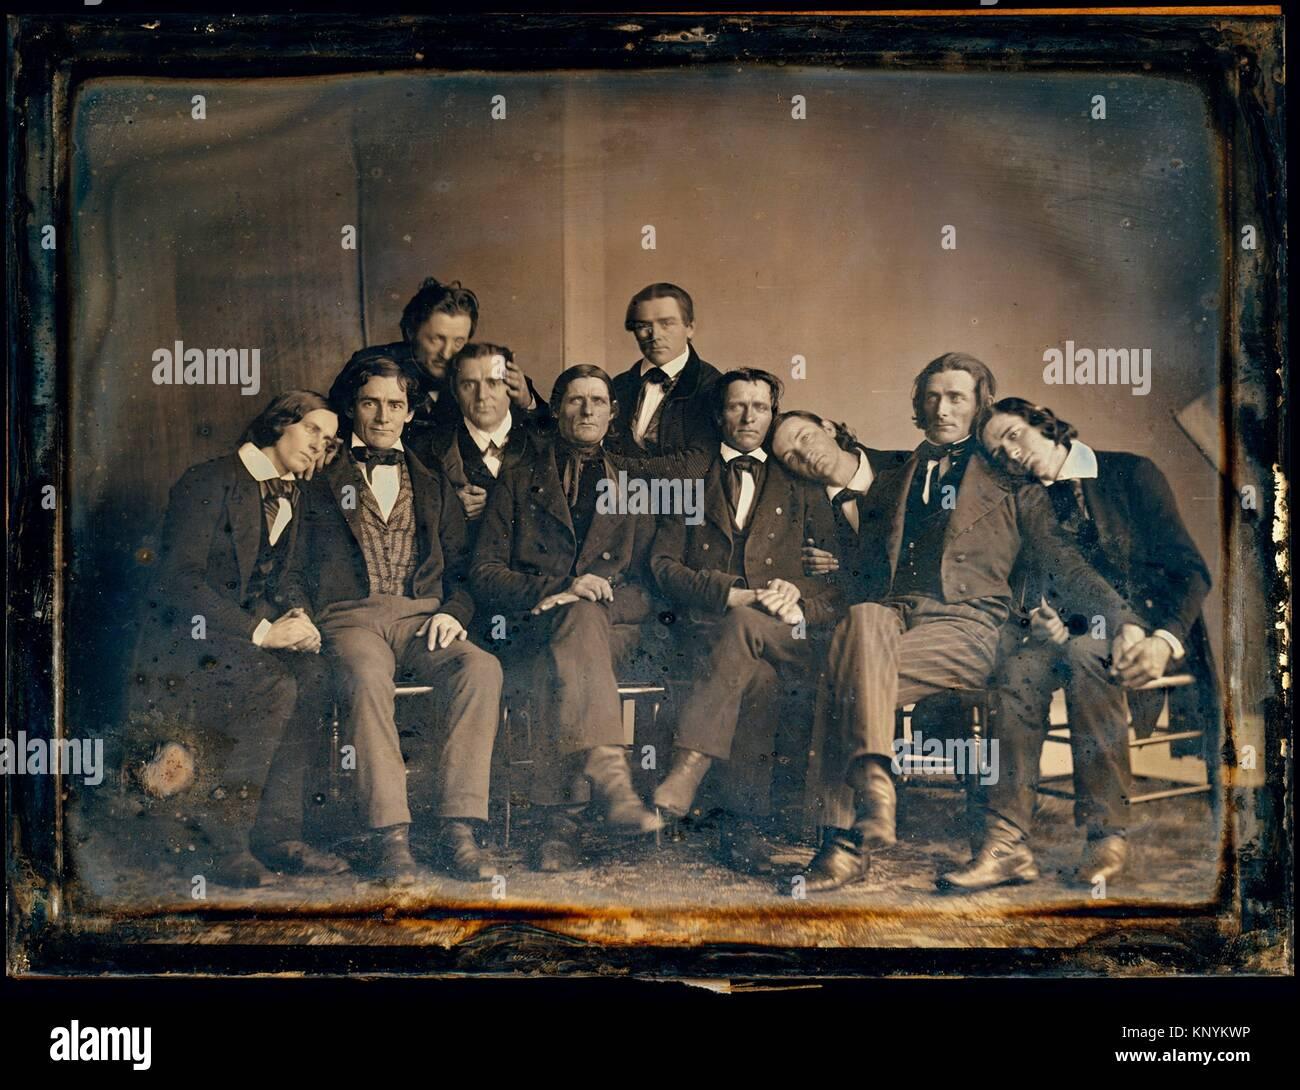 [Hutchinson Familie Sänger]. Artist: Unbekannt; Datum: 1845; Medium: daguerreotypie; Abmessungen: Bild: 14,4 Stockbild